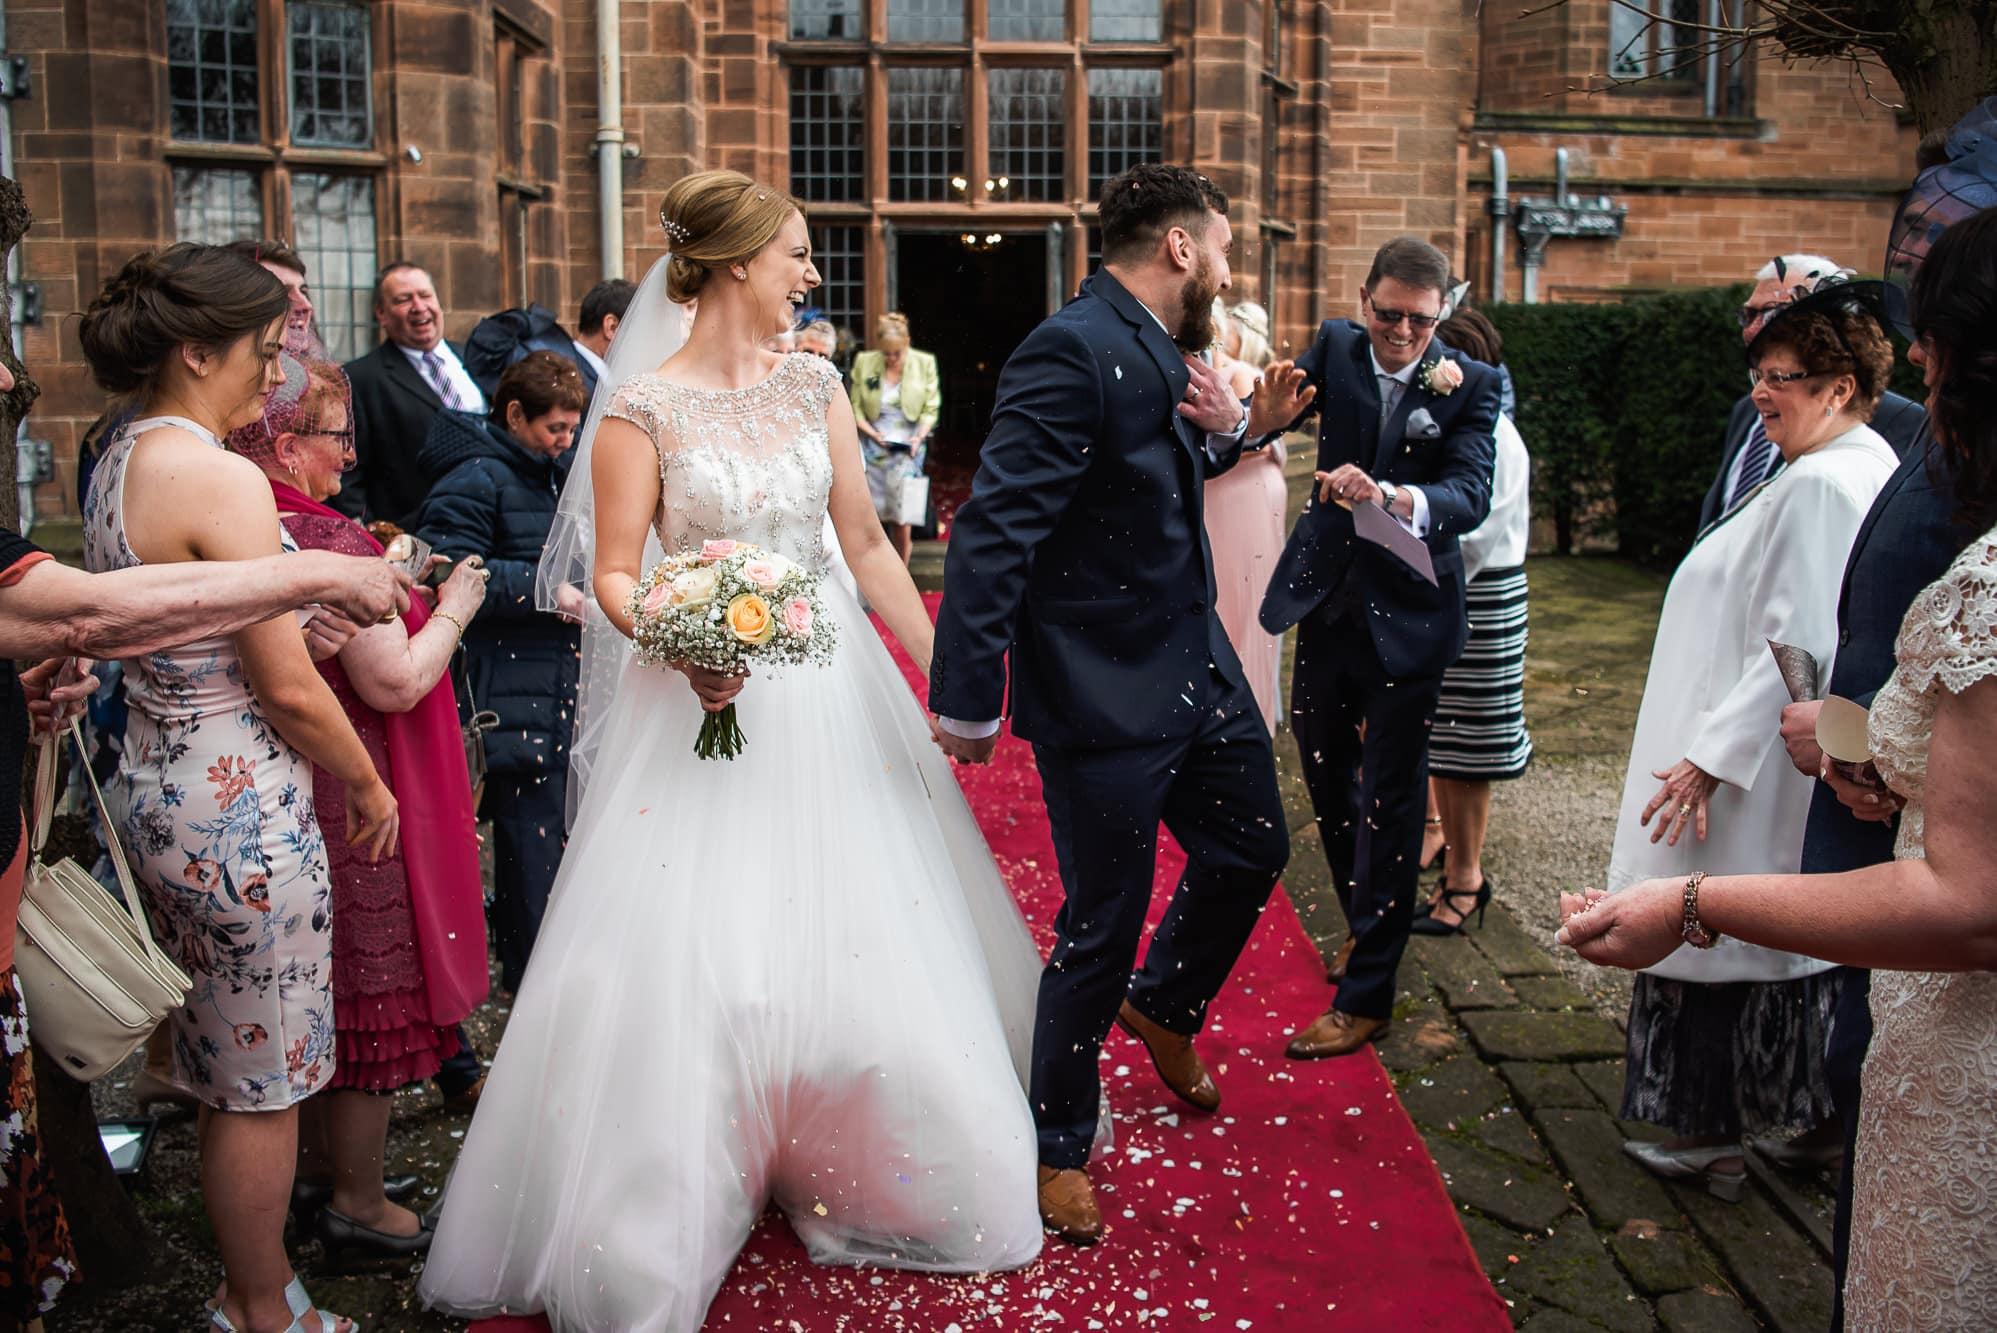 Confetti over groom